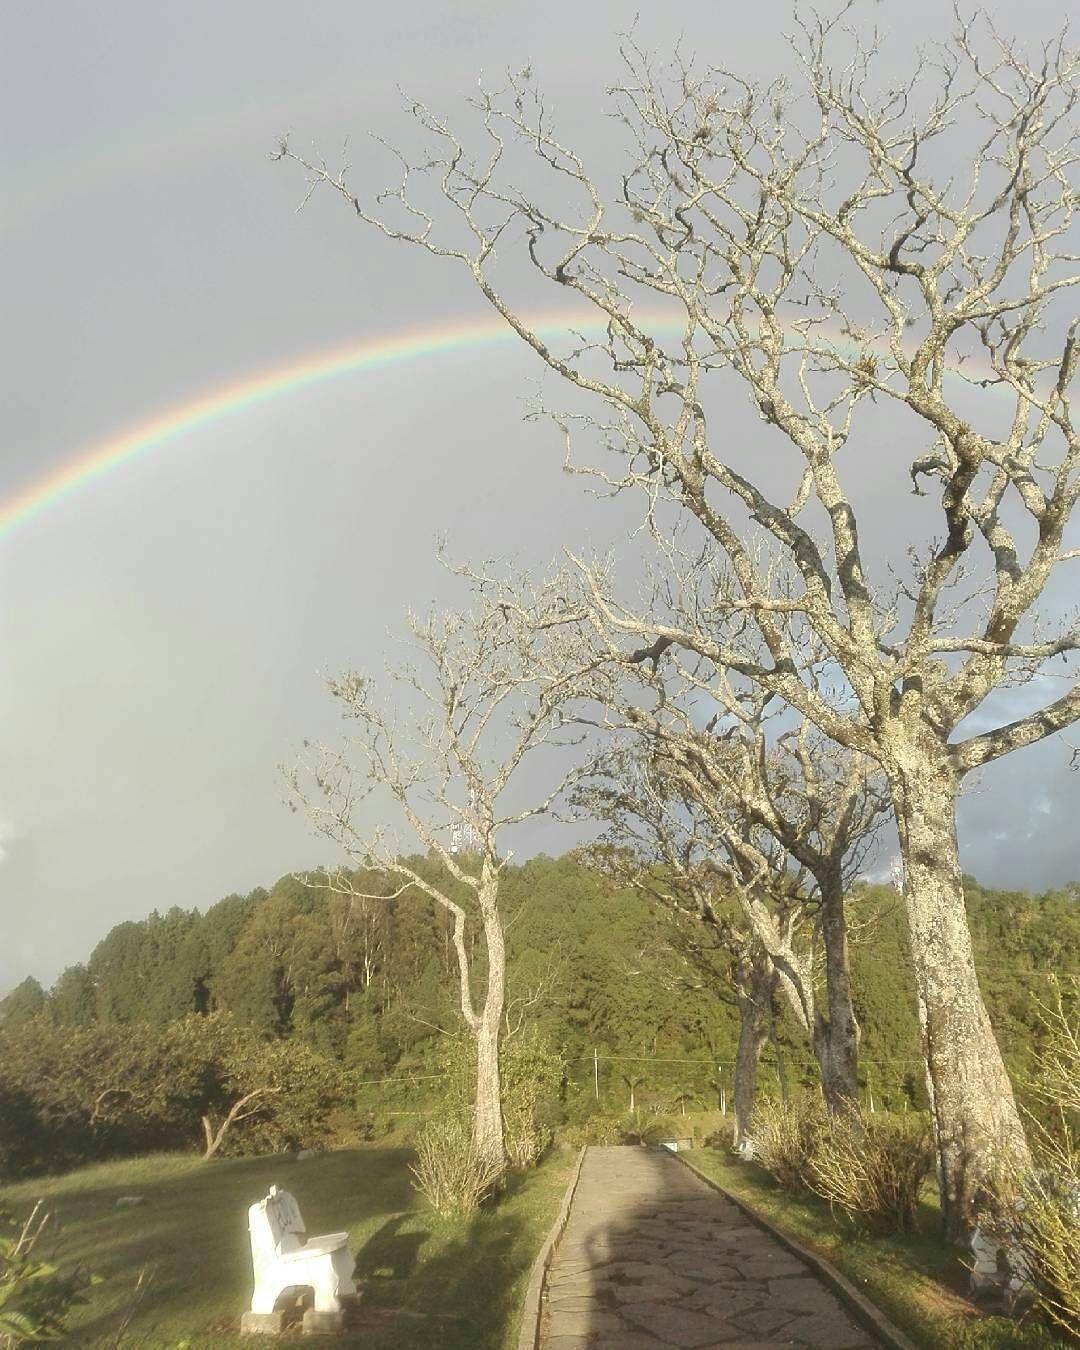 @diego_chr Atardeceres #Popayán #Cauca #Nature #rainbow Un buen inicio de las vacaciones.